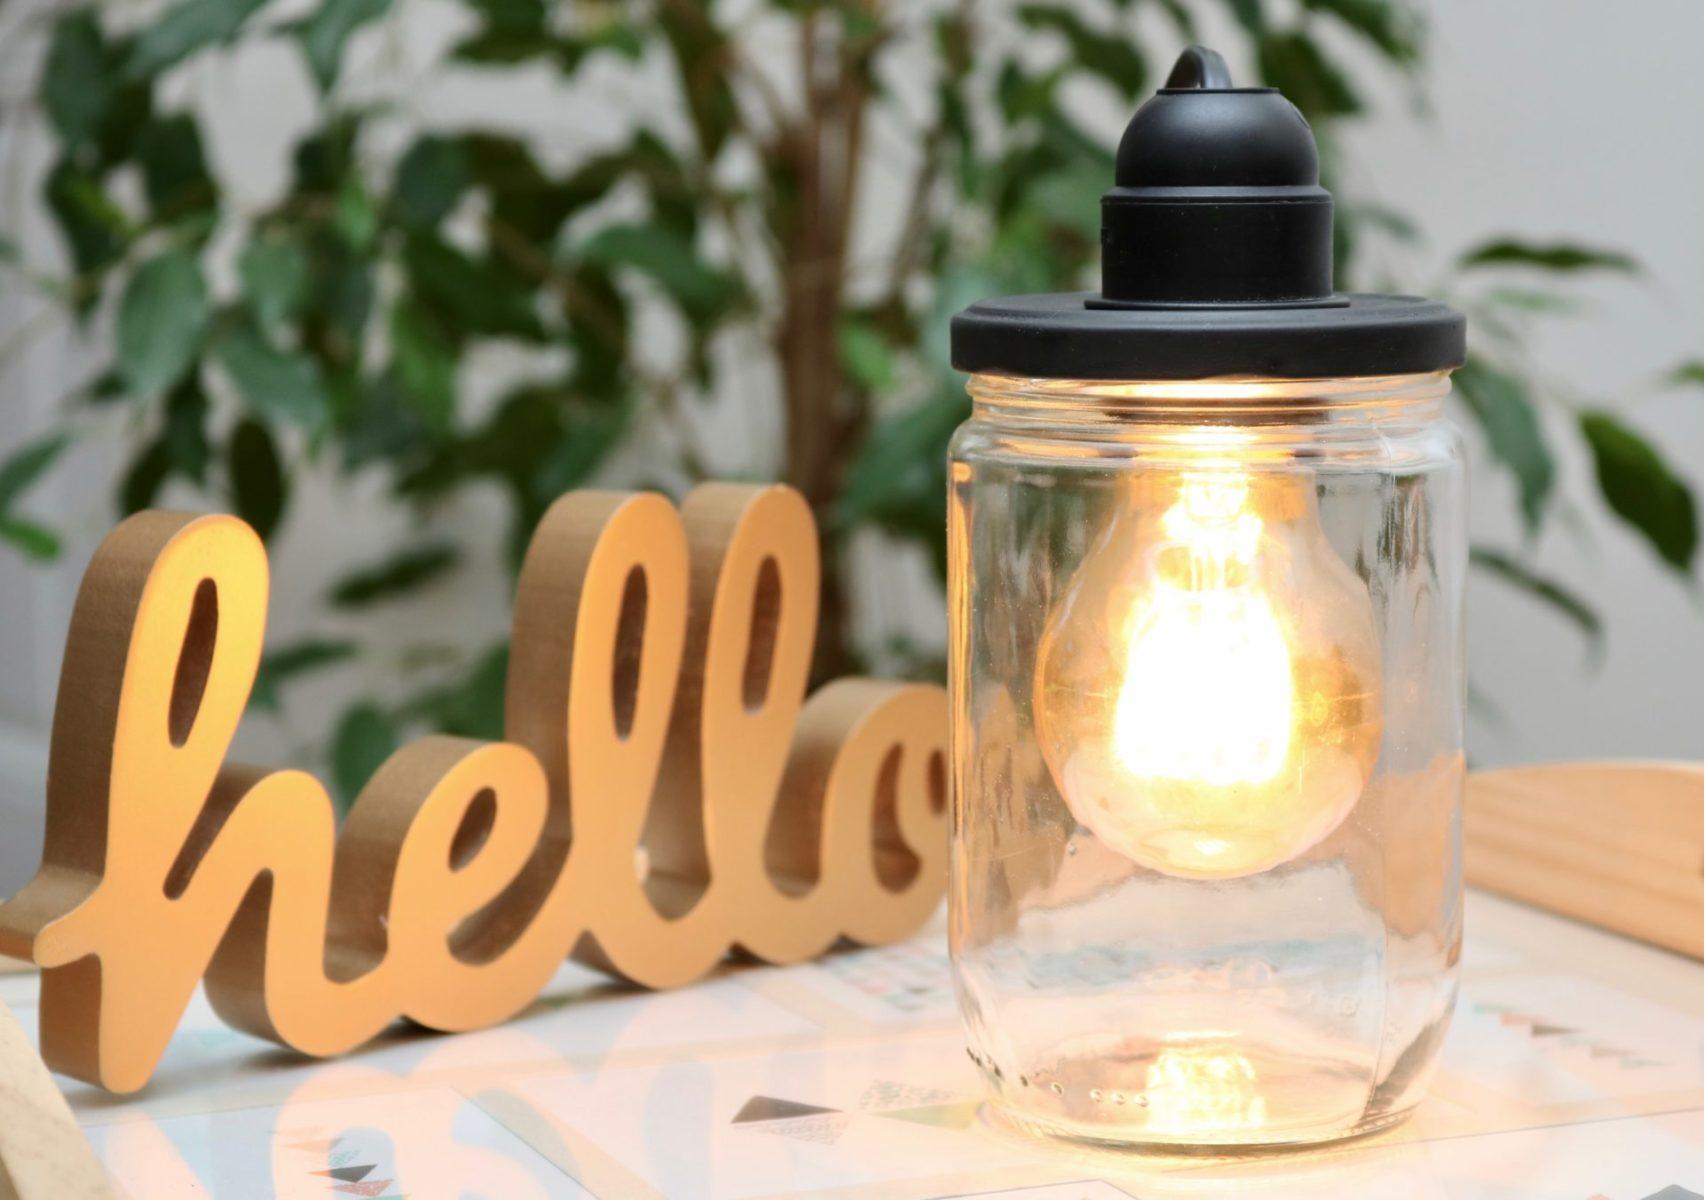 DIY : Comment fabriquer une Lampe Bocal ?